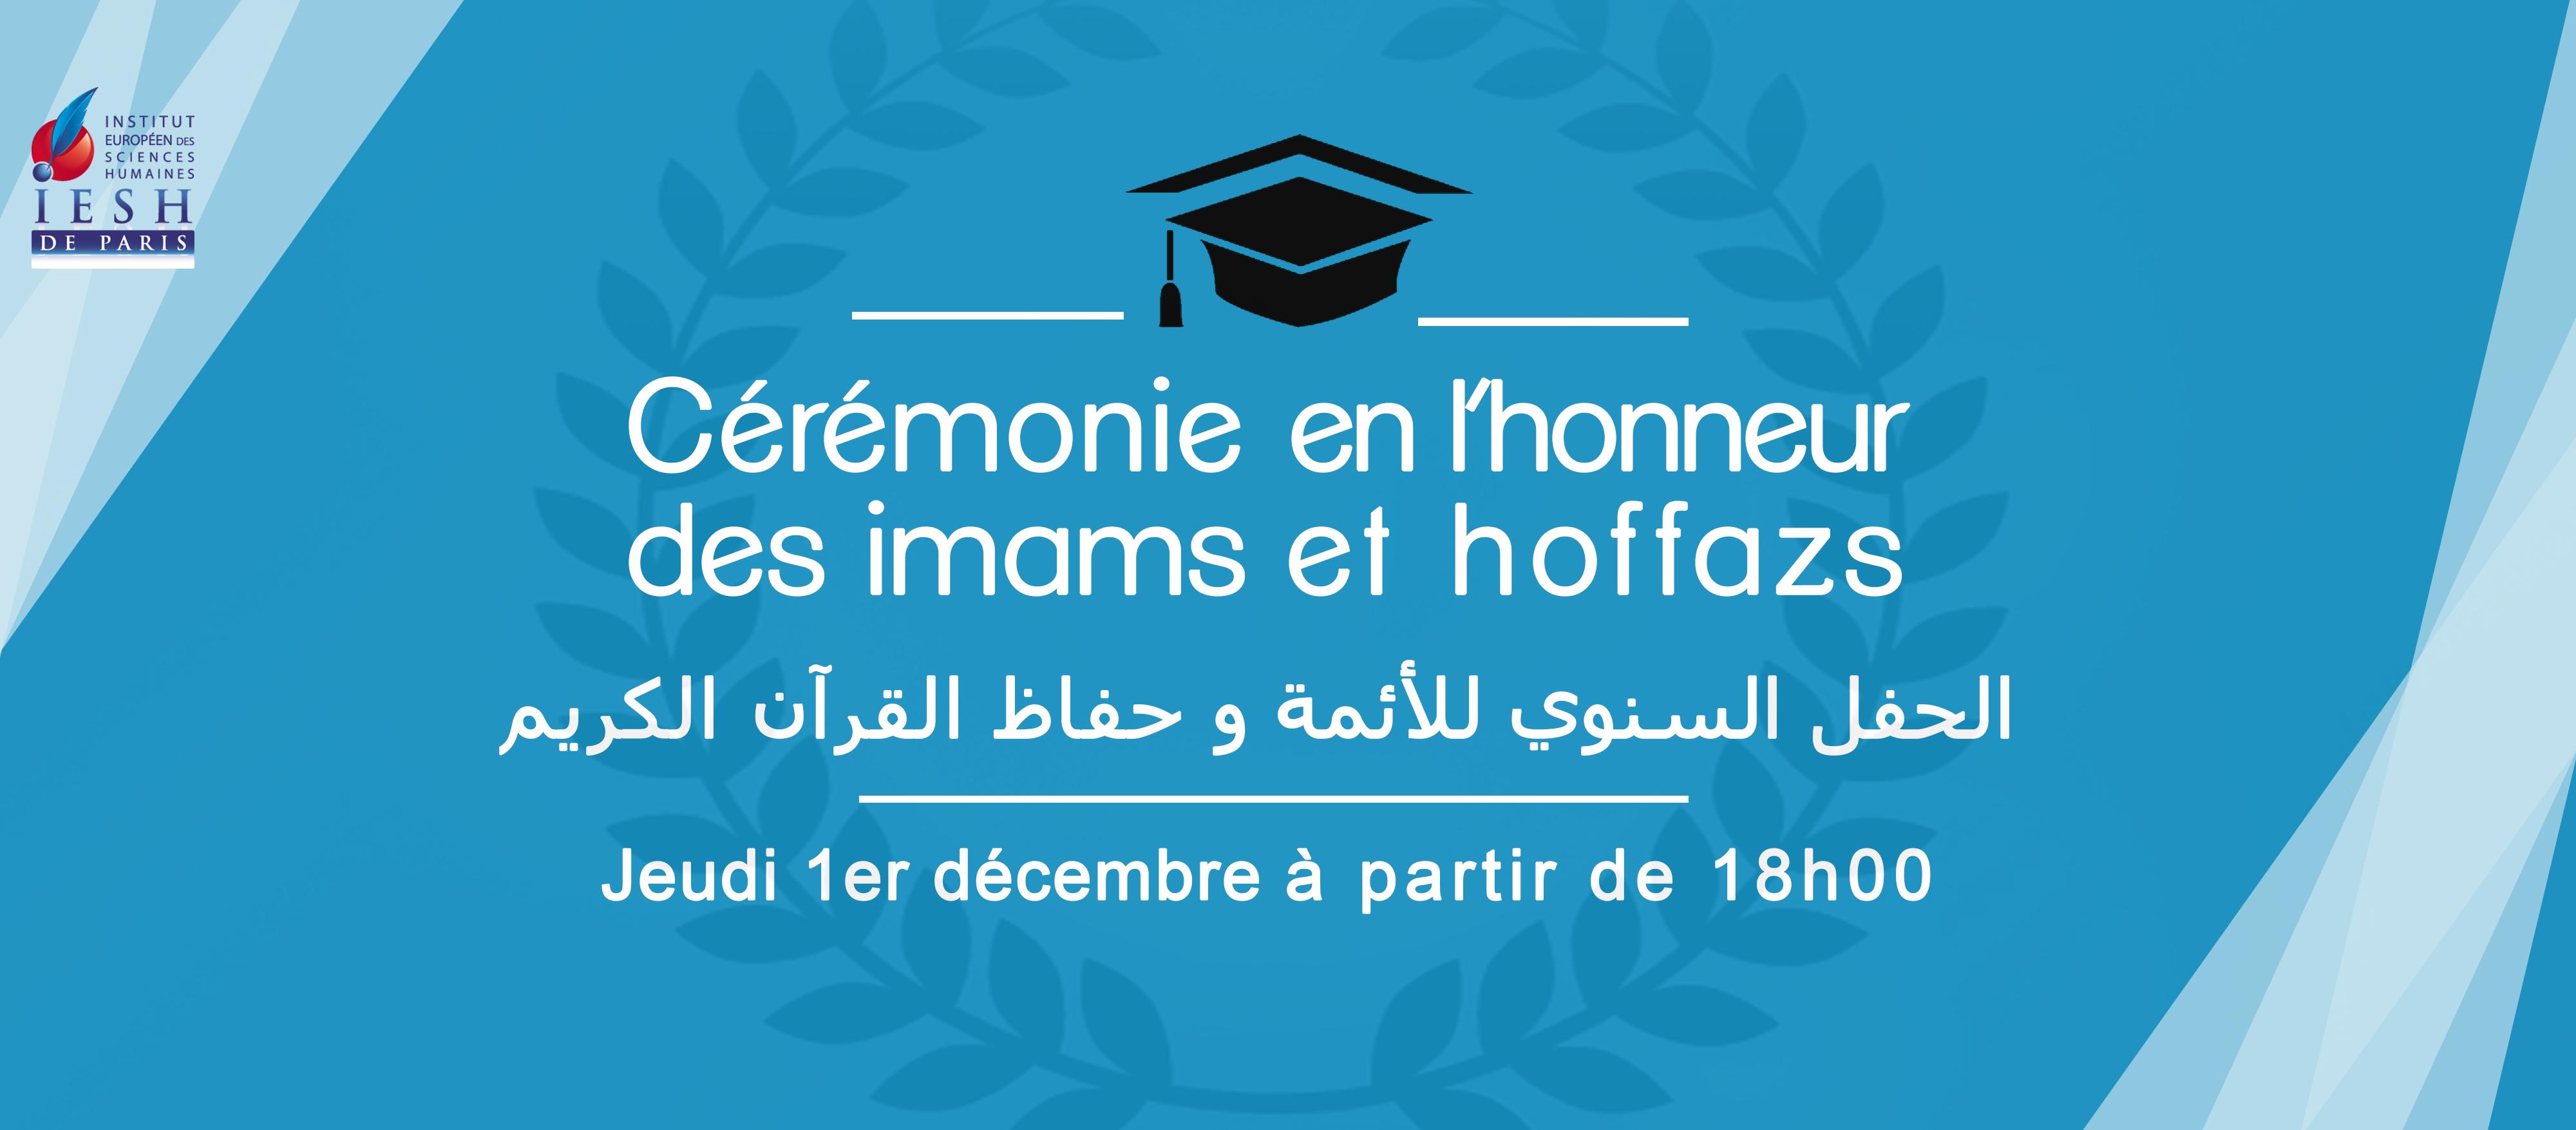 Cérémonie en l'honneur des imams et des hoffazs